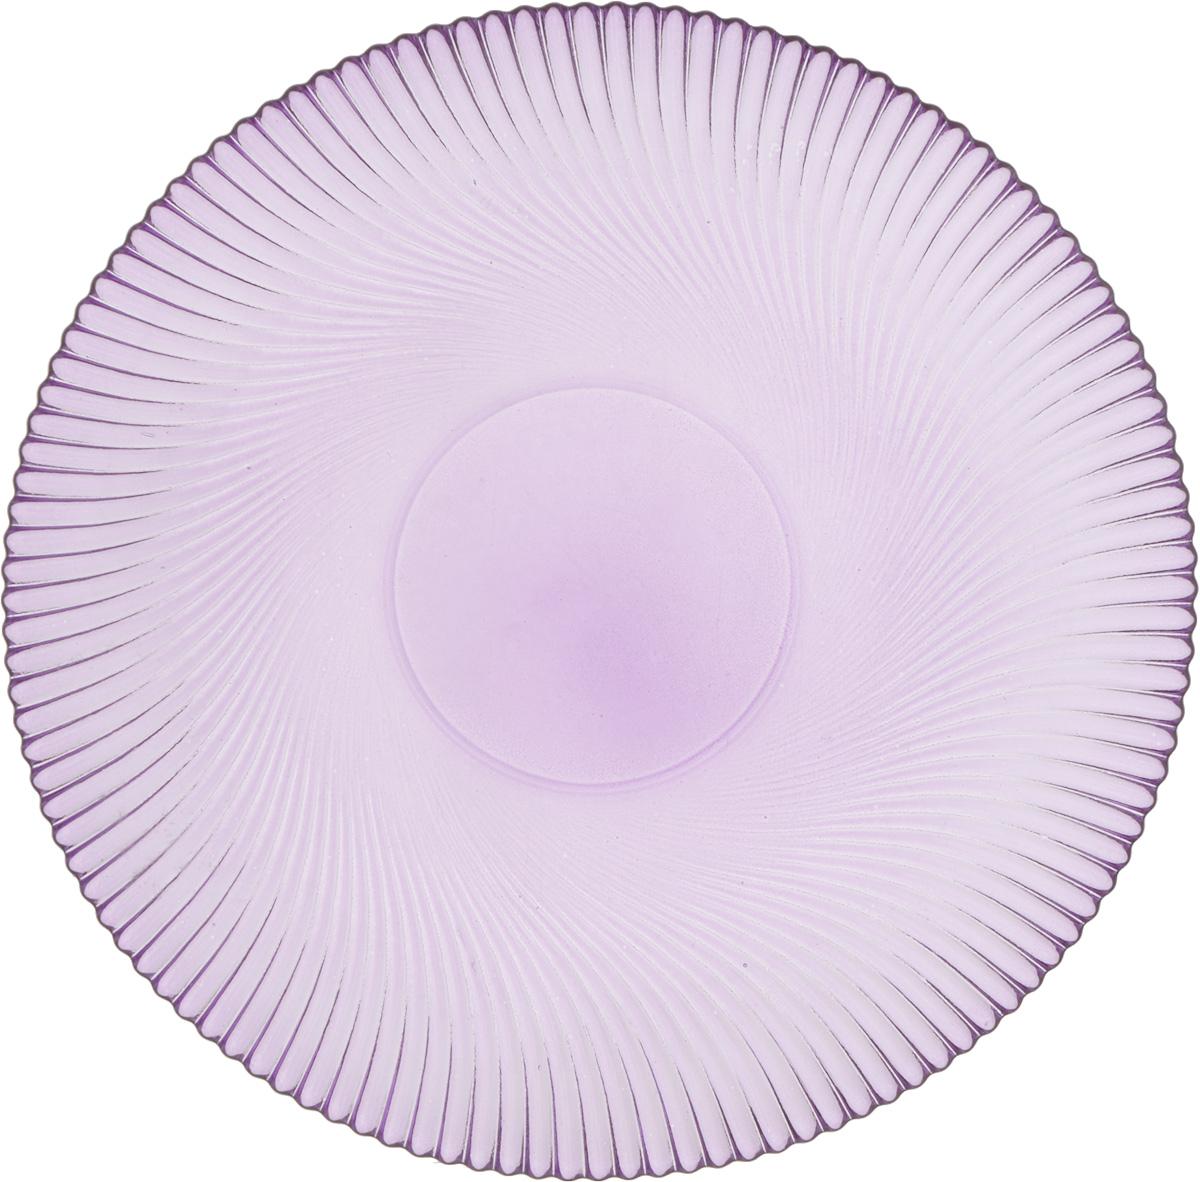 Тарелка NiNaGlass Альтера, цвет: сиреневый, диаметр 26 смFS-91909Тарелка NiNaGlass Альтера выполнена из высококачественного стекла и имеет рельефную поверхность. Она прекрасно впишется в интерьер вашей кухни и станет достойным дополнением к кухонному инвентарю.Не рекомендуется использовать в микроволновой печи и мыть в посудомоечной машине.